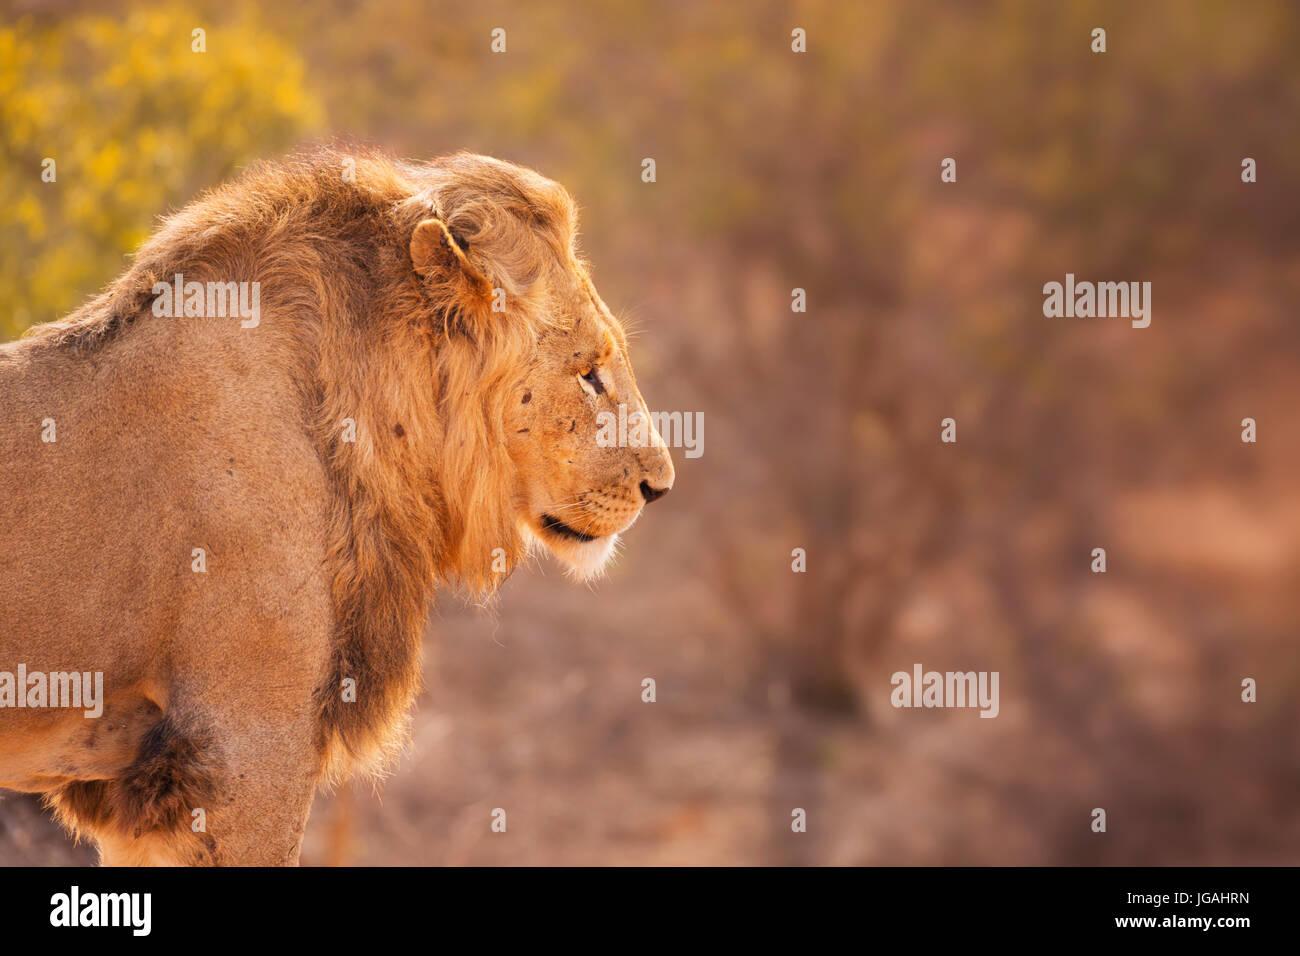 Près d'un lion mâle au début de la lumière du soleil du matin dans le parc national Kruger, Photo Stock